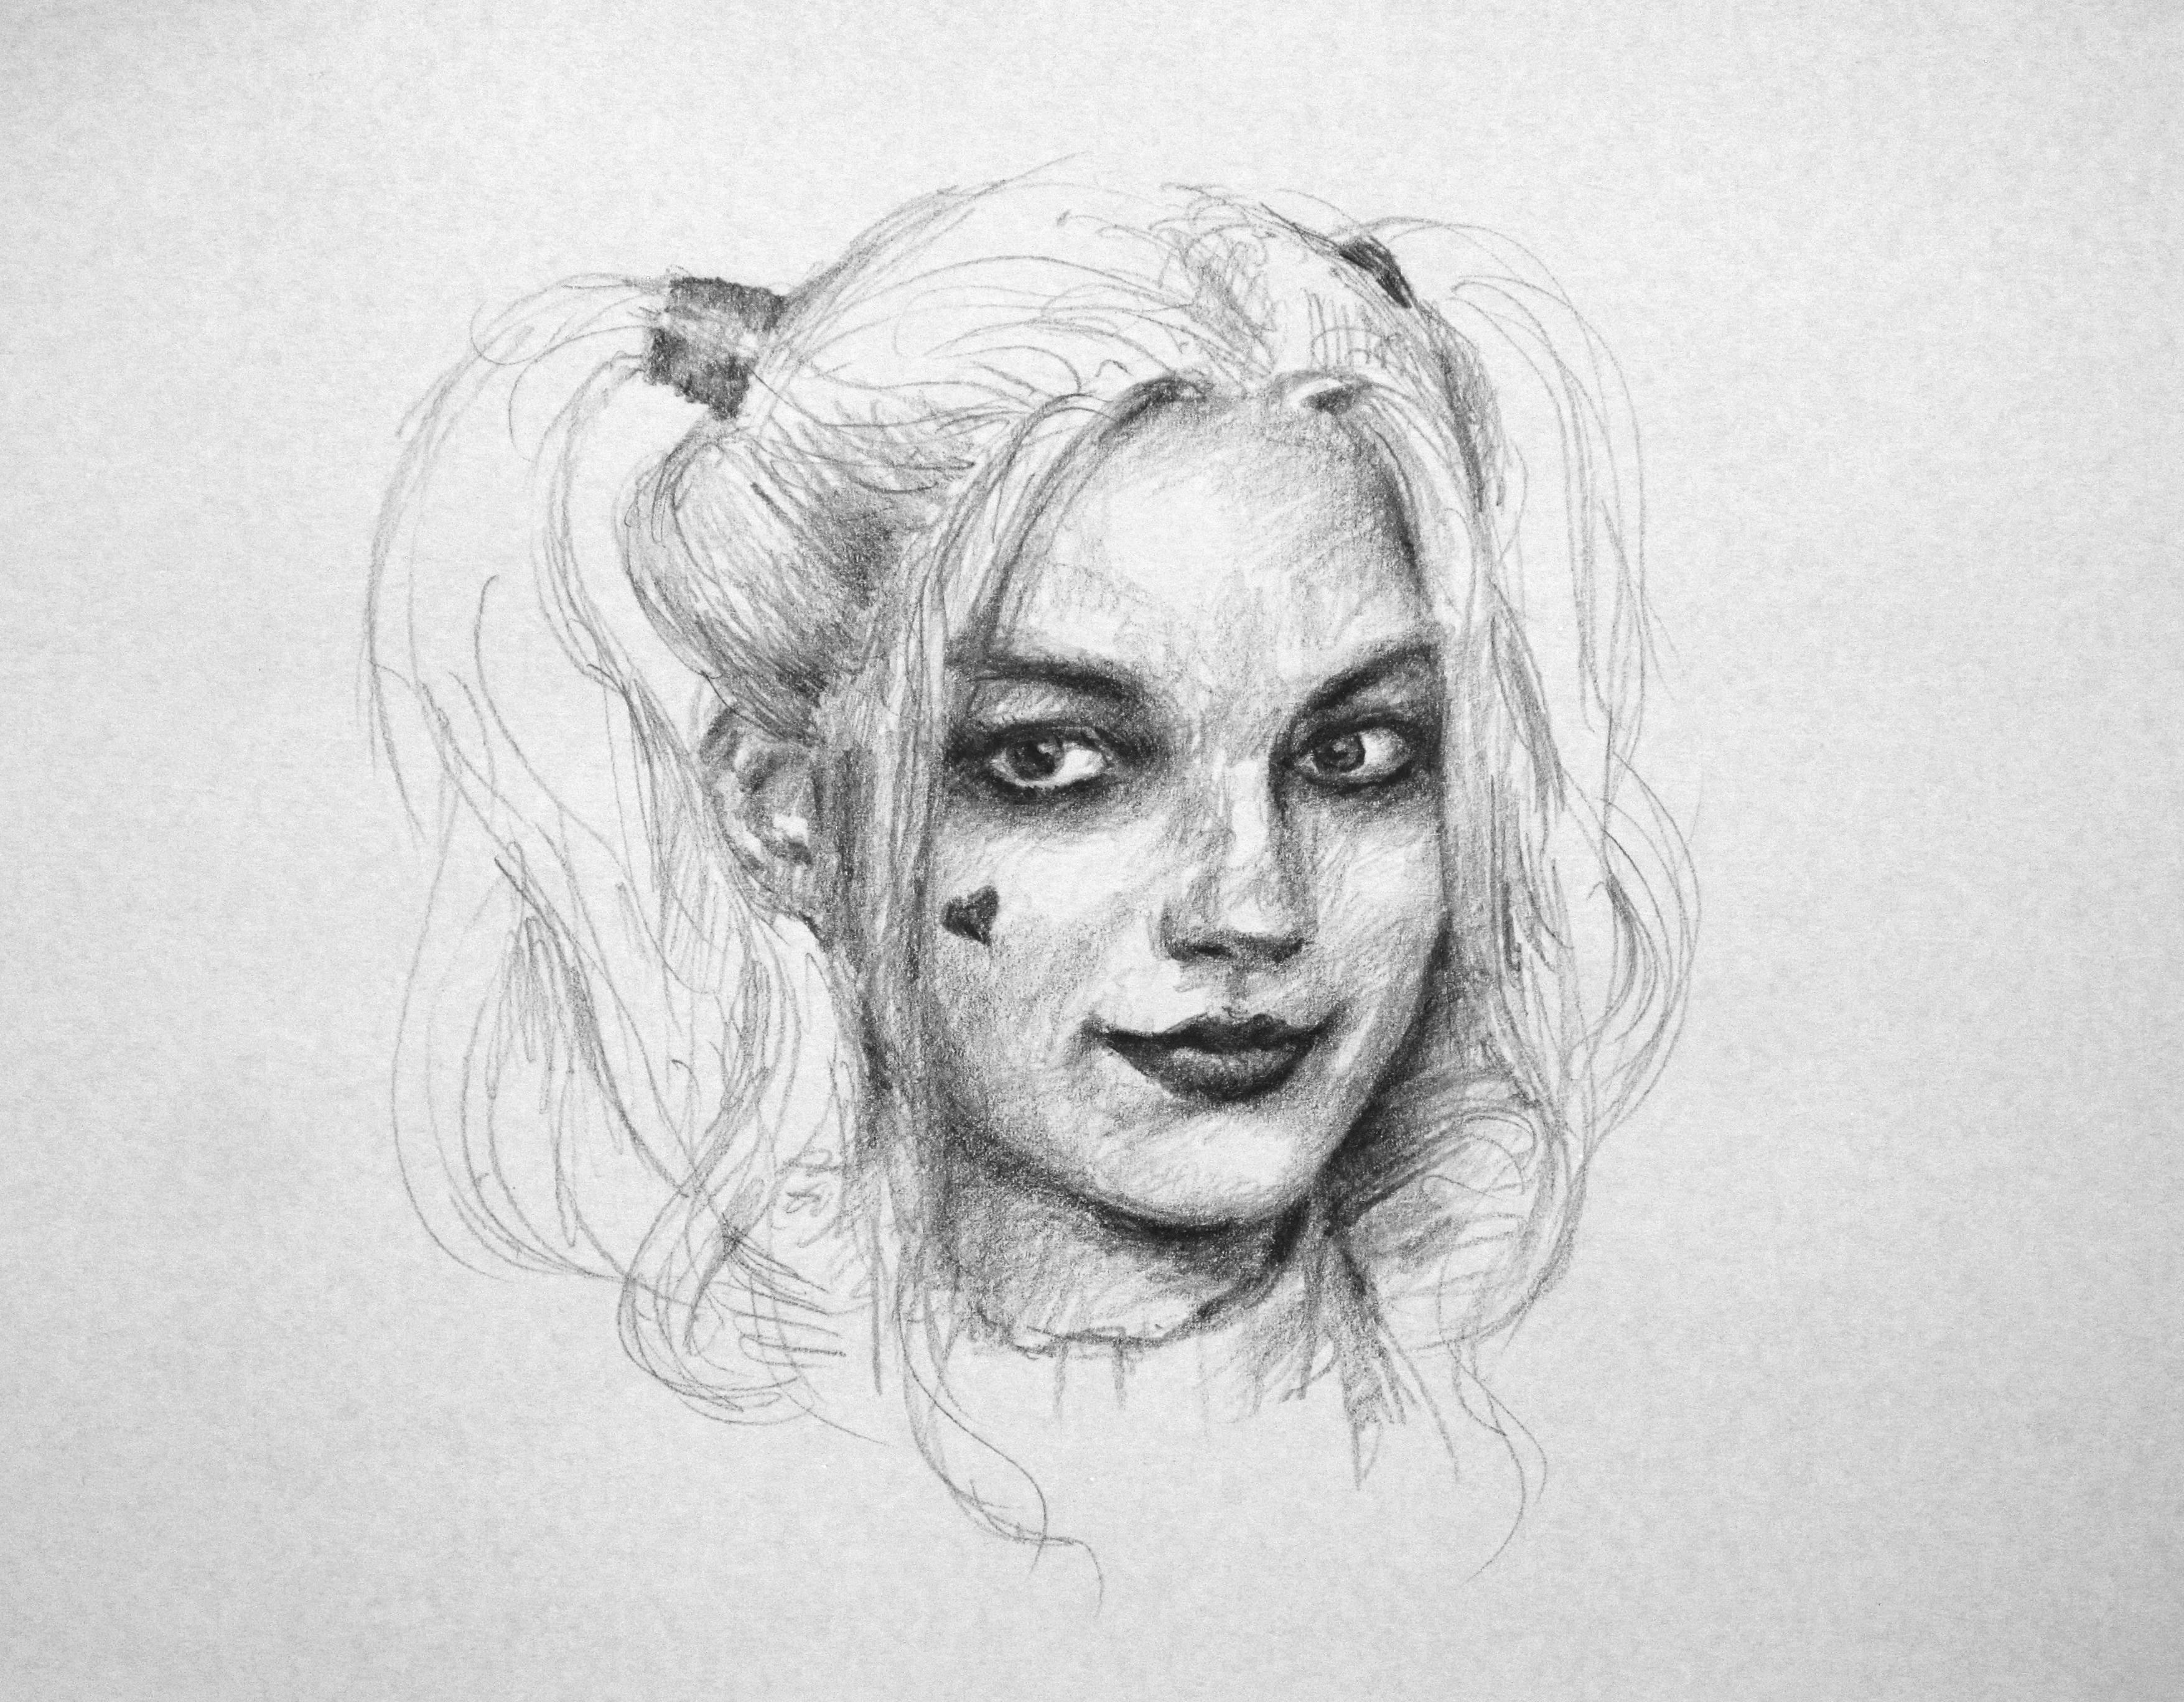 https://www.artofwei.com/wp-content/uploads/2016/07/quinn_drawing_full.jpg